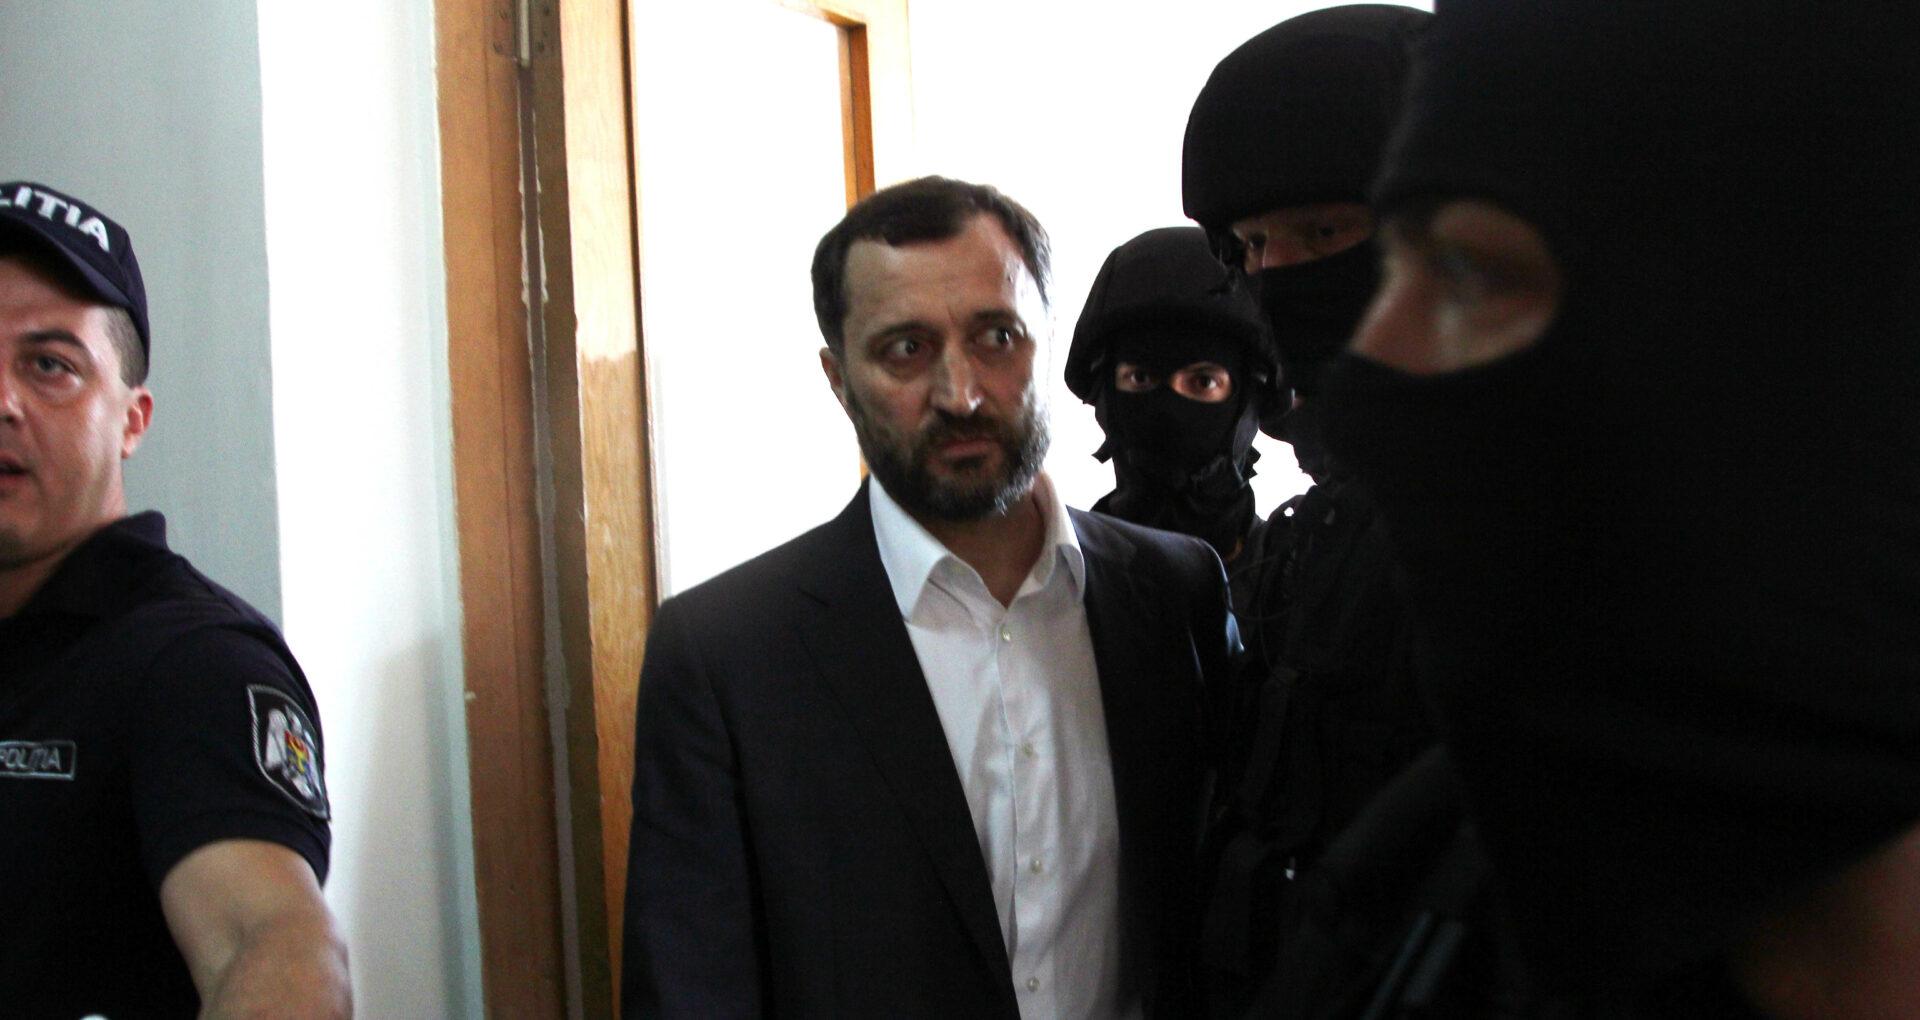 OFICIAL/ Hotărârea prin care Vlad Filat a fost pus în libertate. Cum a fost calculat termenul ispășirii pedepsei